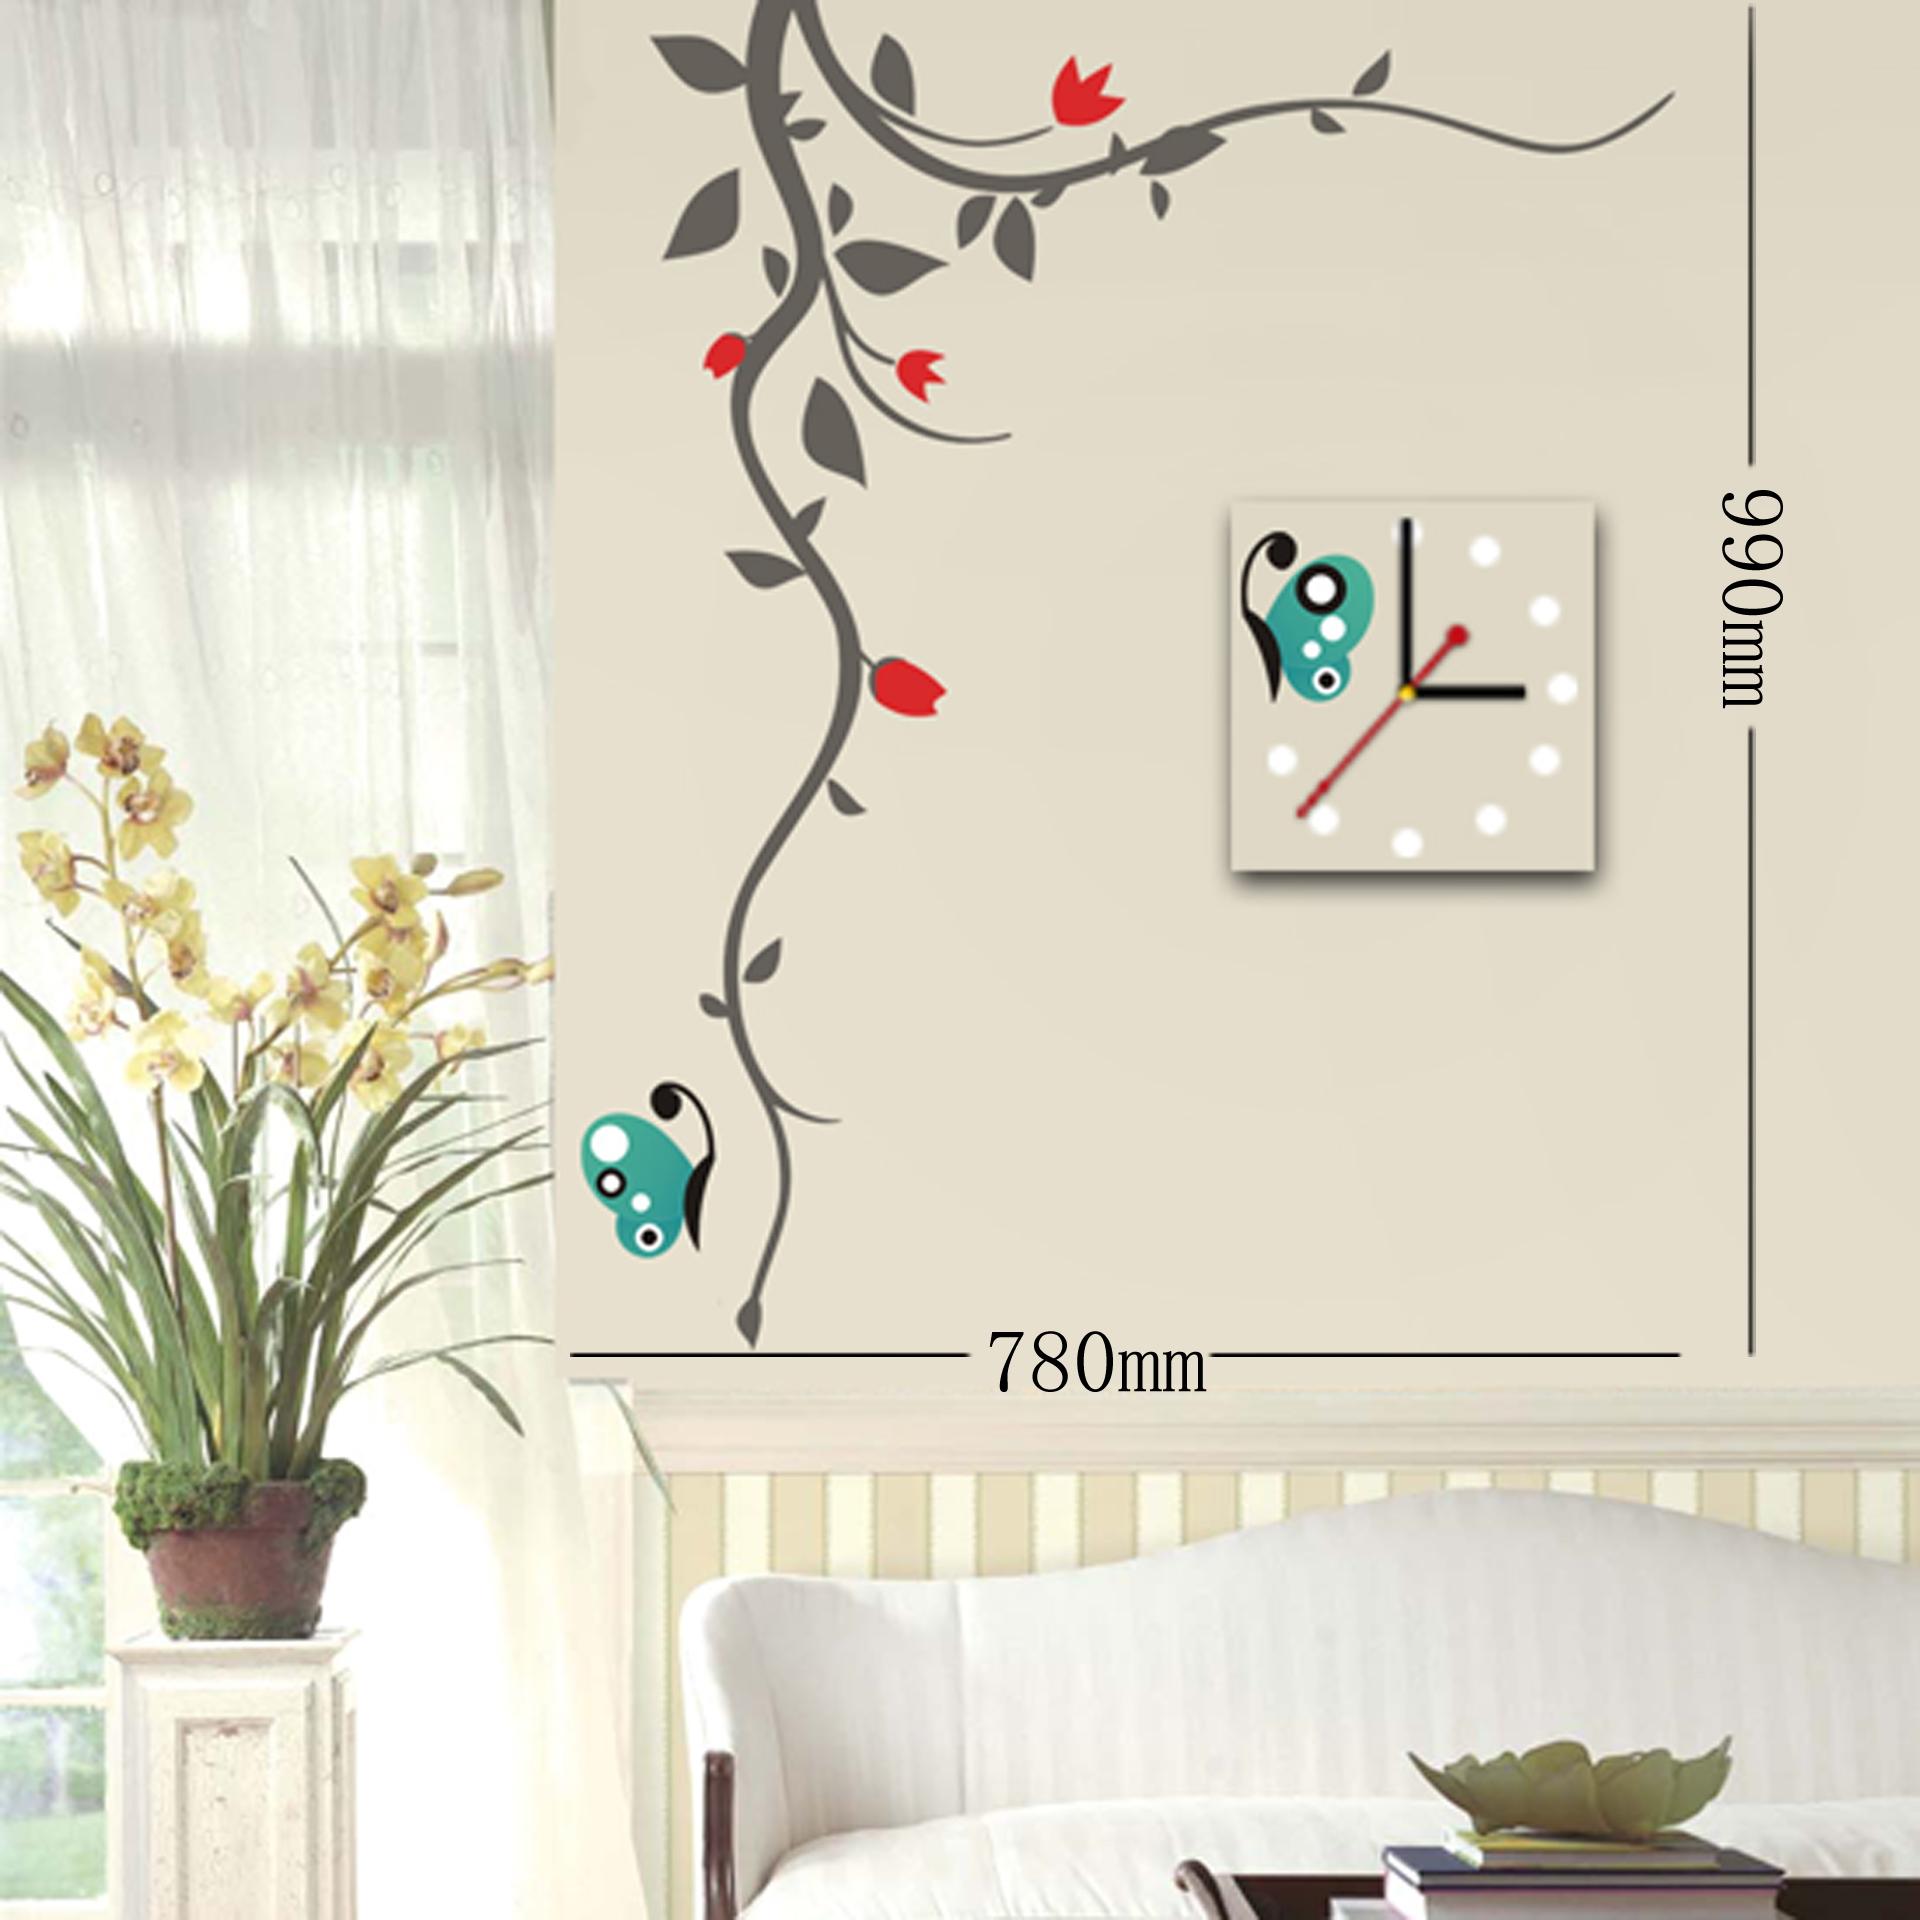 decorazioni adesive muro: adesivi murali bambini decorazioni ... - Decorazioni A Muro